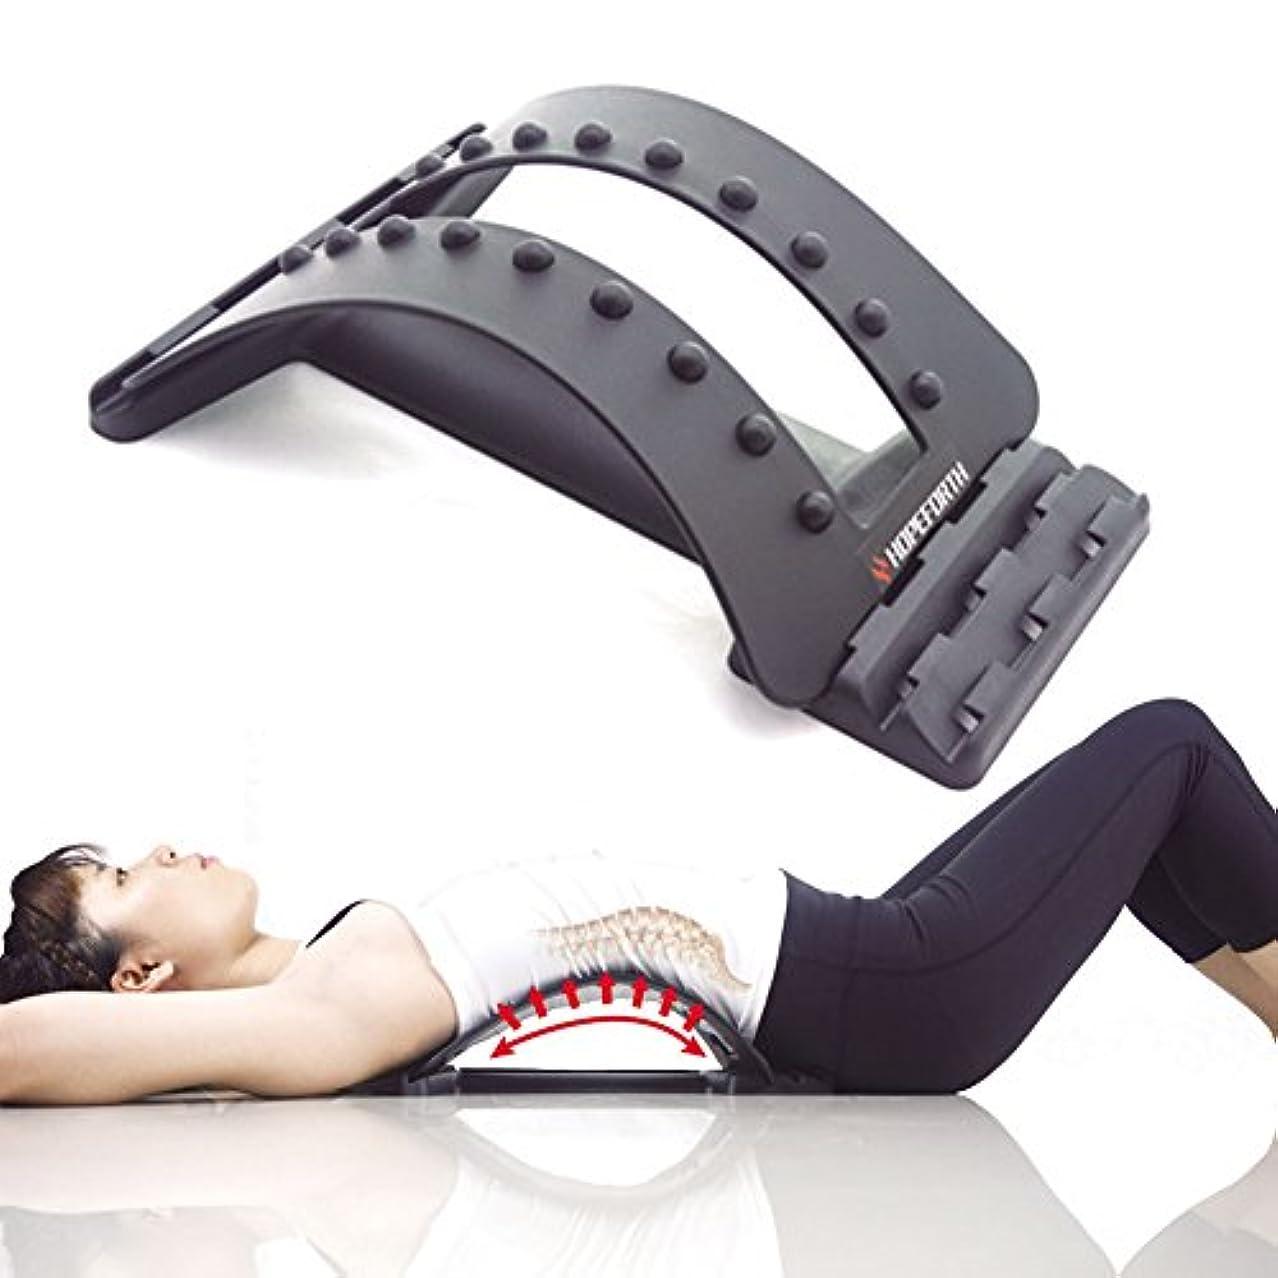 一般的な建築消化HOPEFORTH バックストレッチャー腰痛 肩こり 猫背 解消 ストレッチ 三段階調節可能 デスクワーク 健康用品